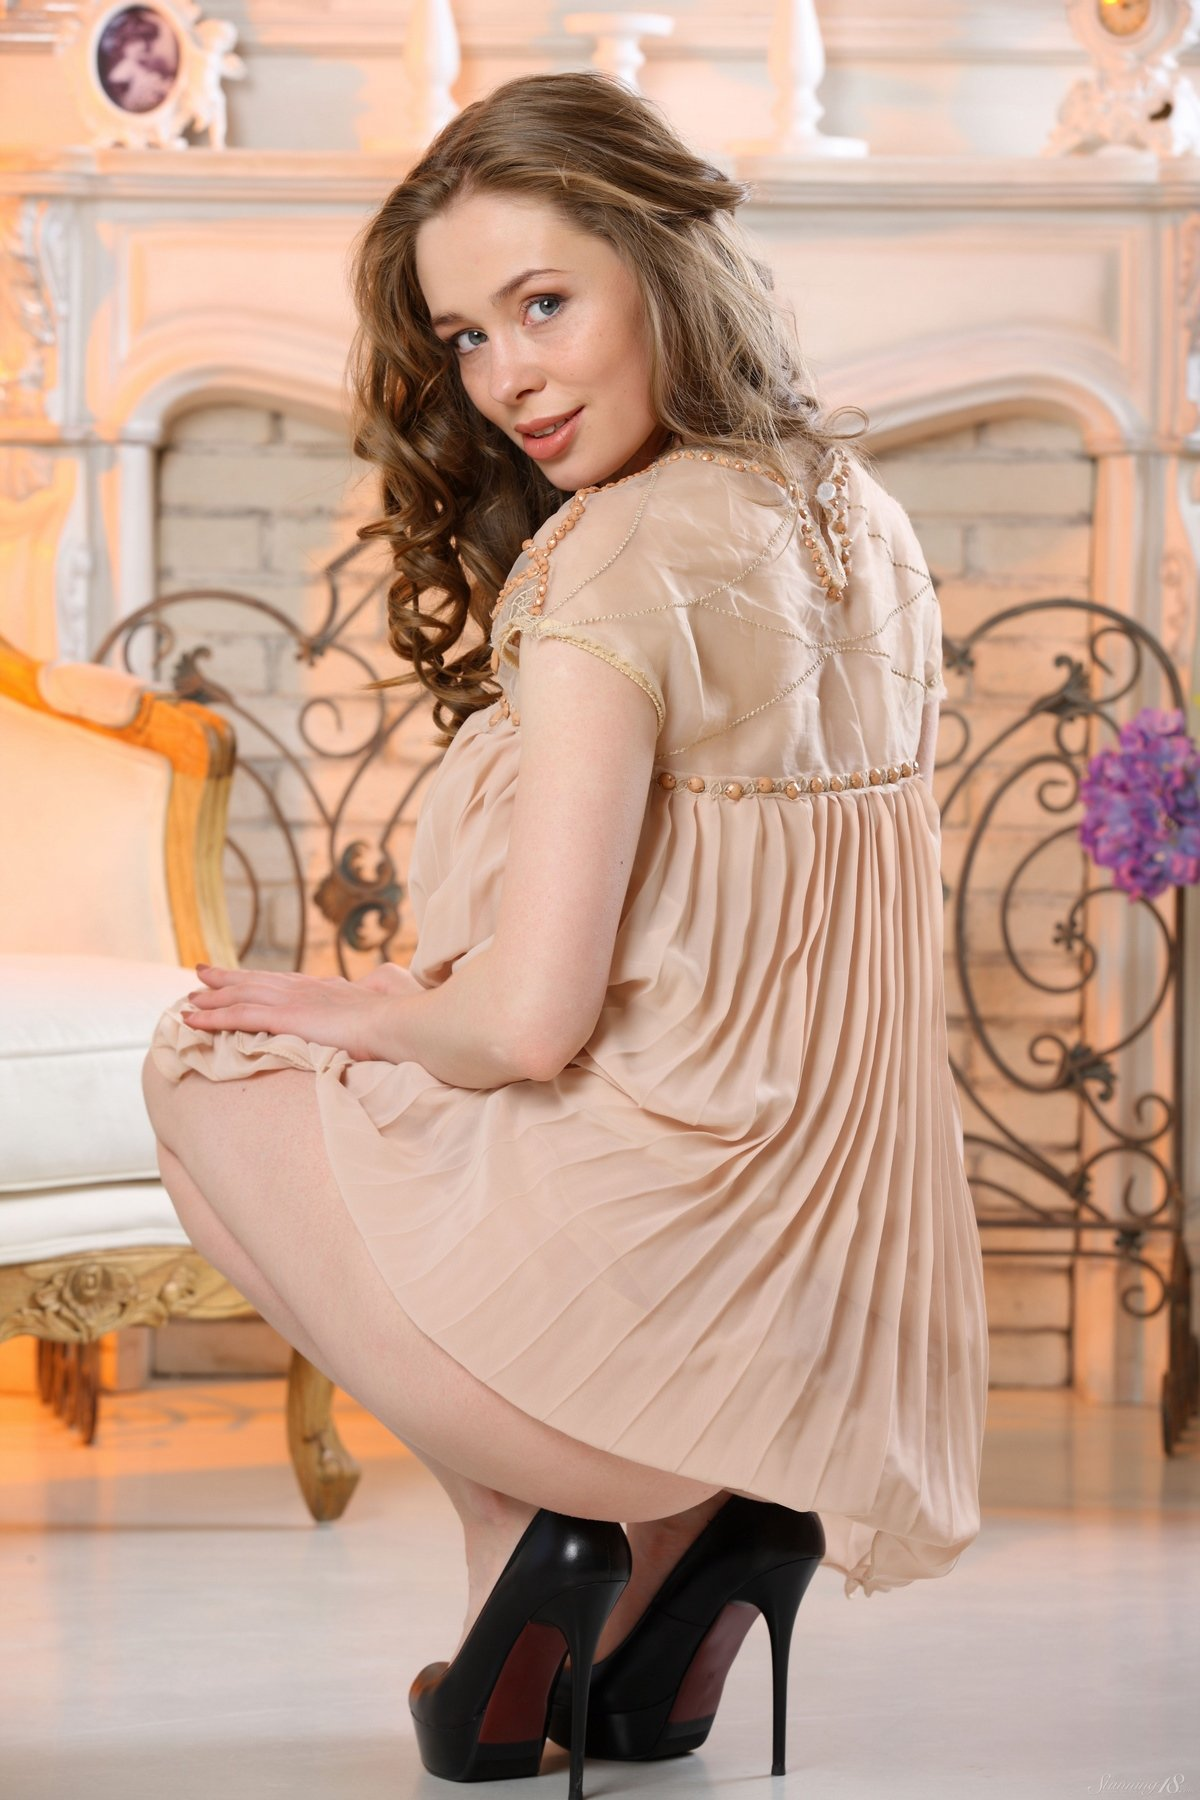 Милашка в коротком платье показала красивые ножки